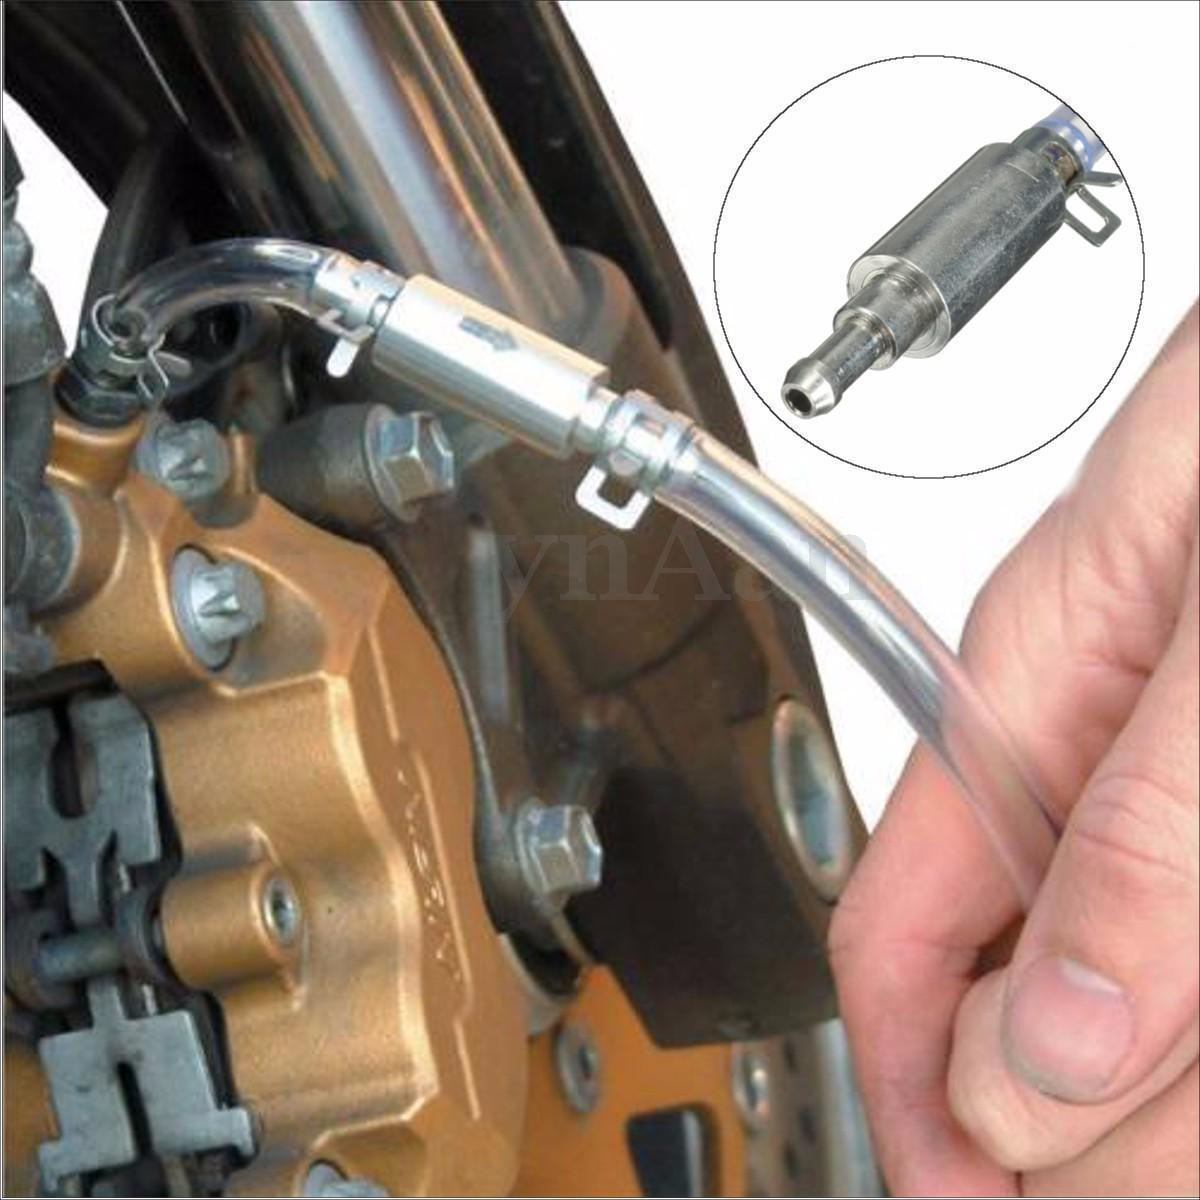 Mutig Motorrad Auto Bremsentlüftungs Rohre Kupplung Bremsentlüftungs Schlauch Eine Möglichkeit Ventil Rohr Blutungen Tool Kit